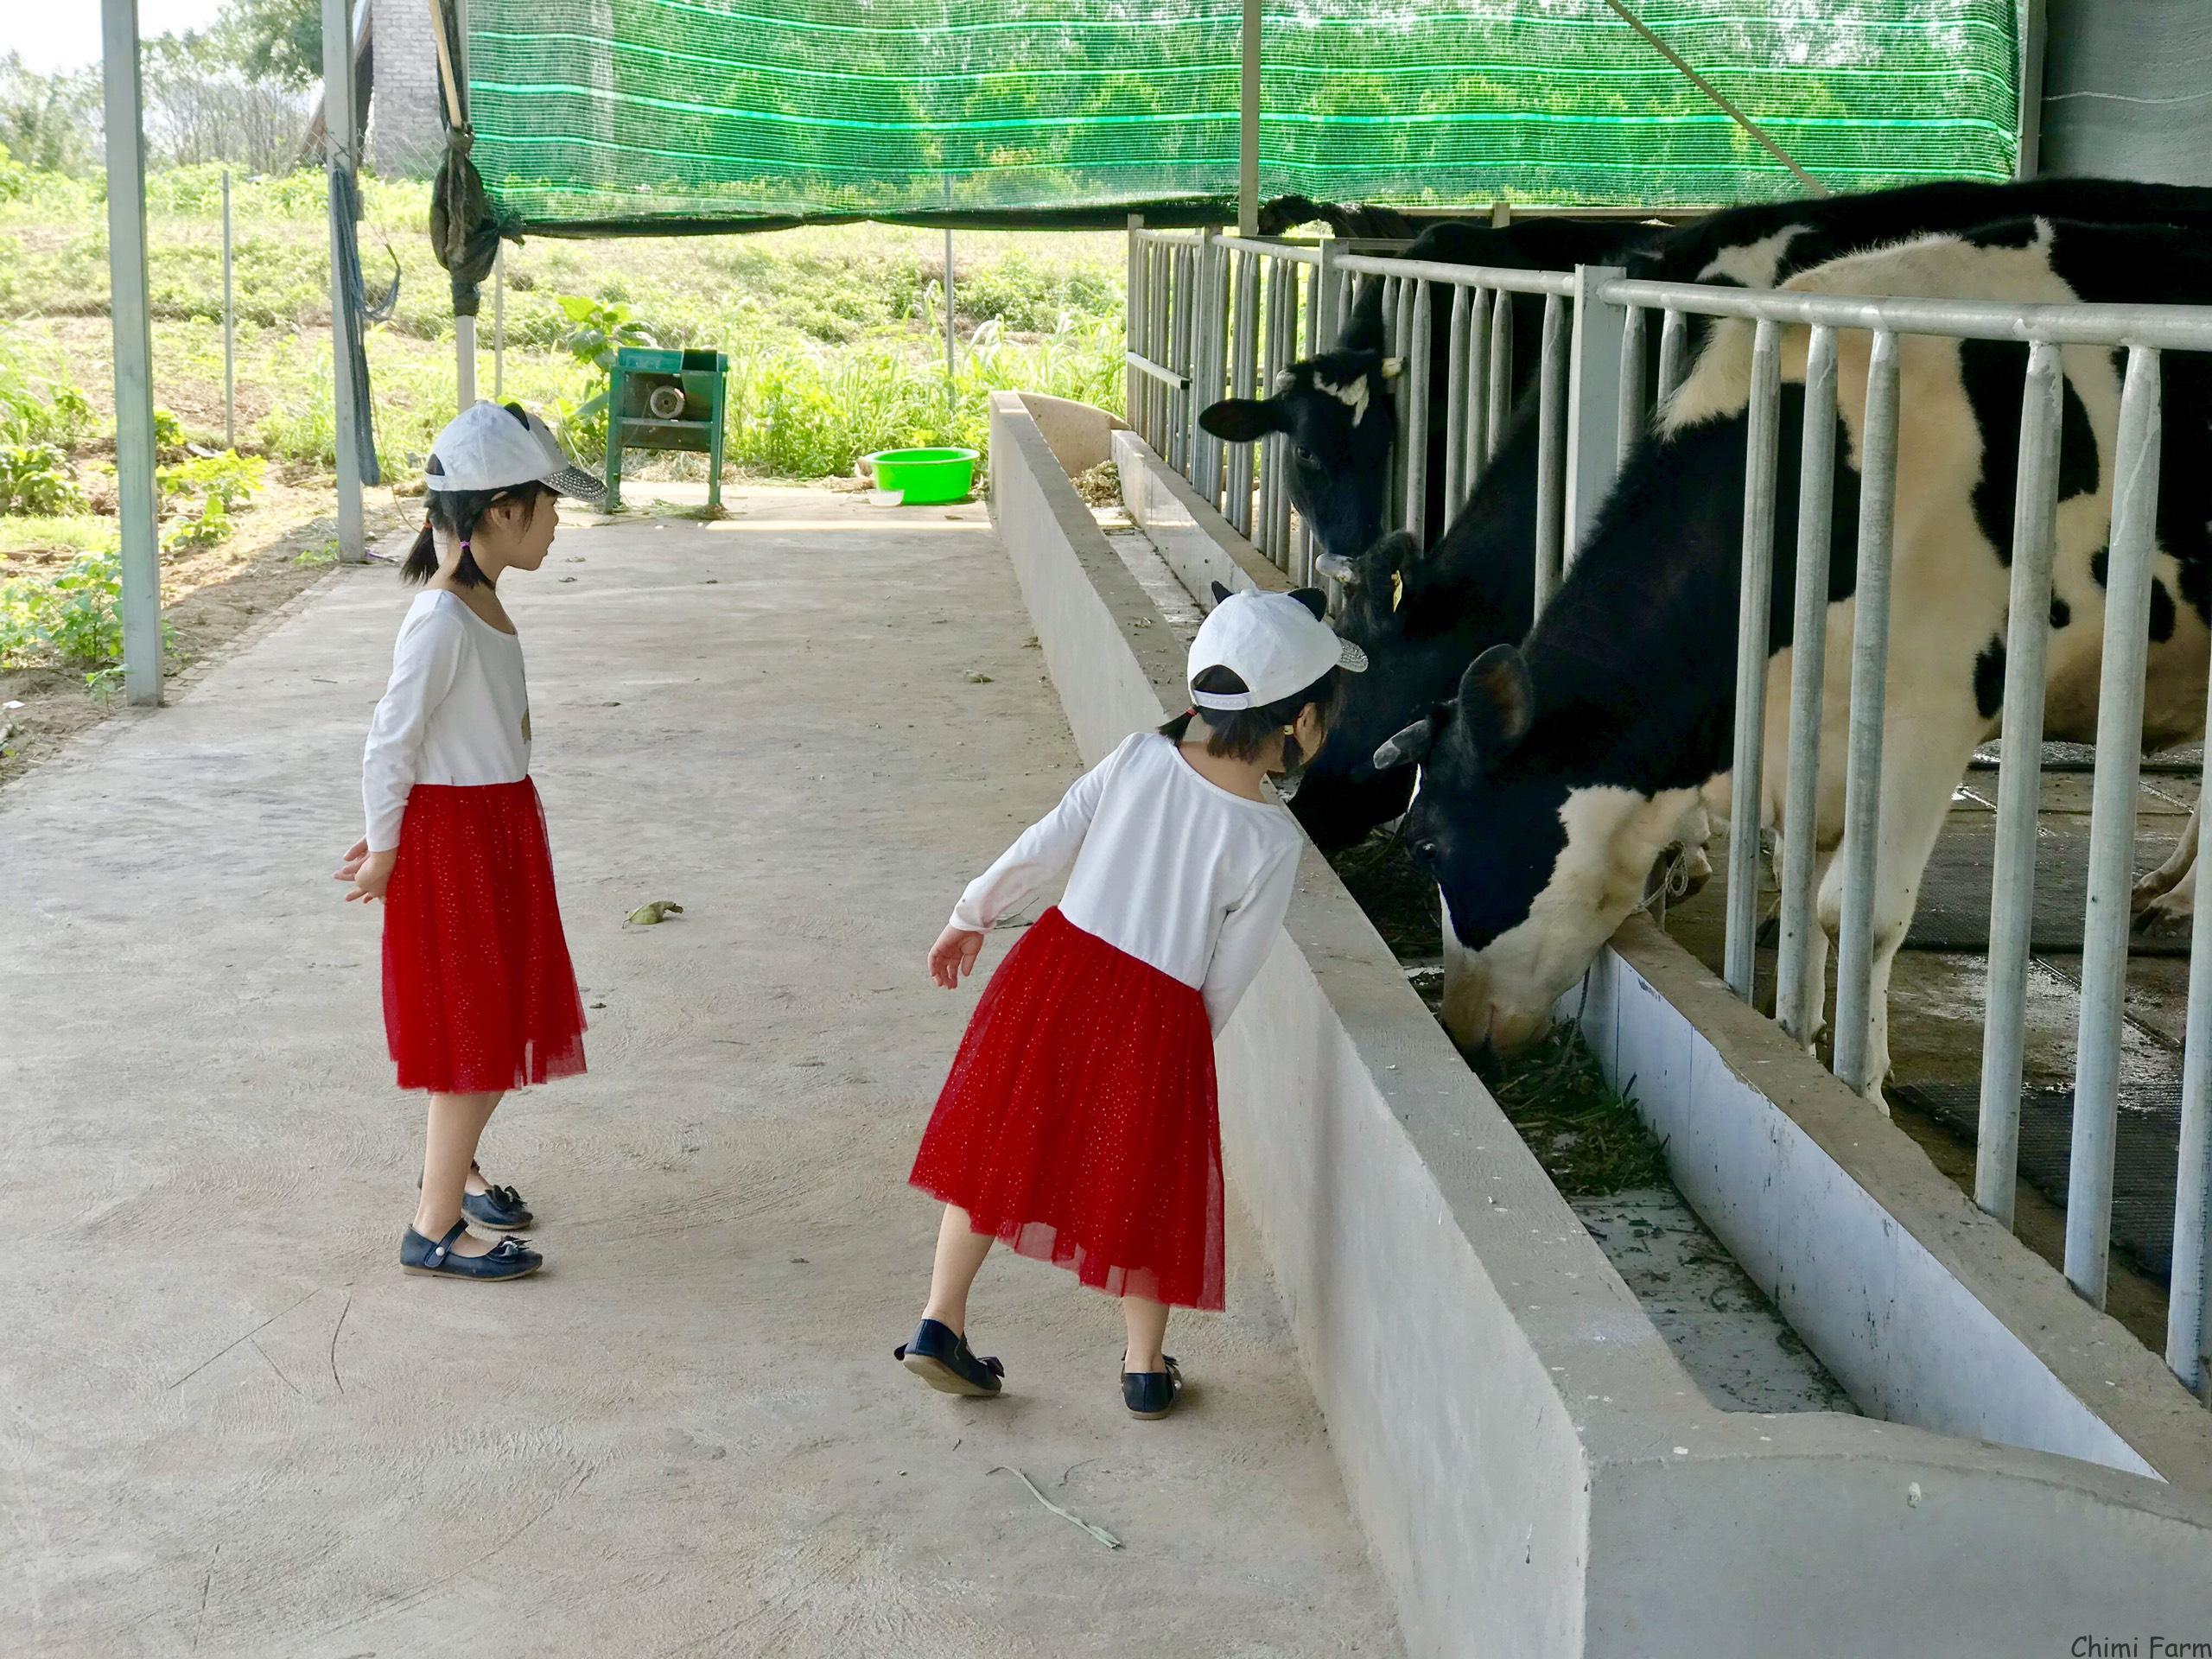 Trang trại bò sữa tại Chimi farm Âu Cơ, Hà Nội